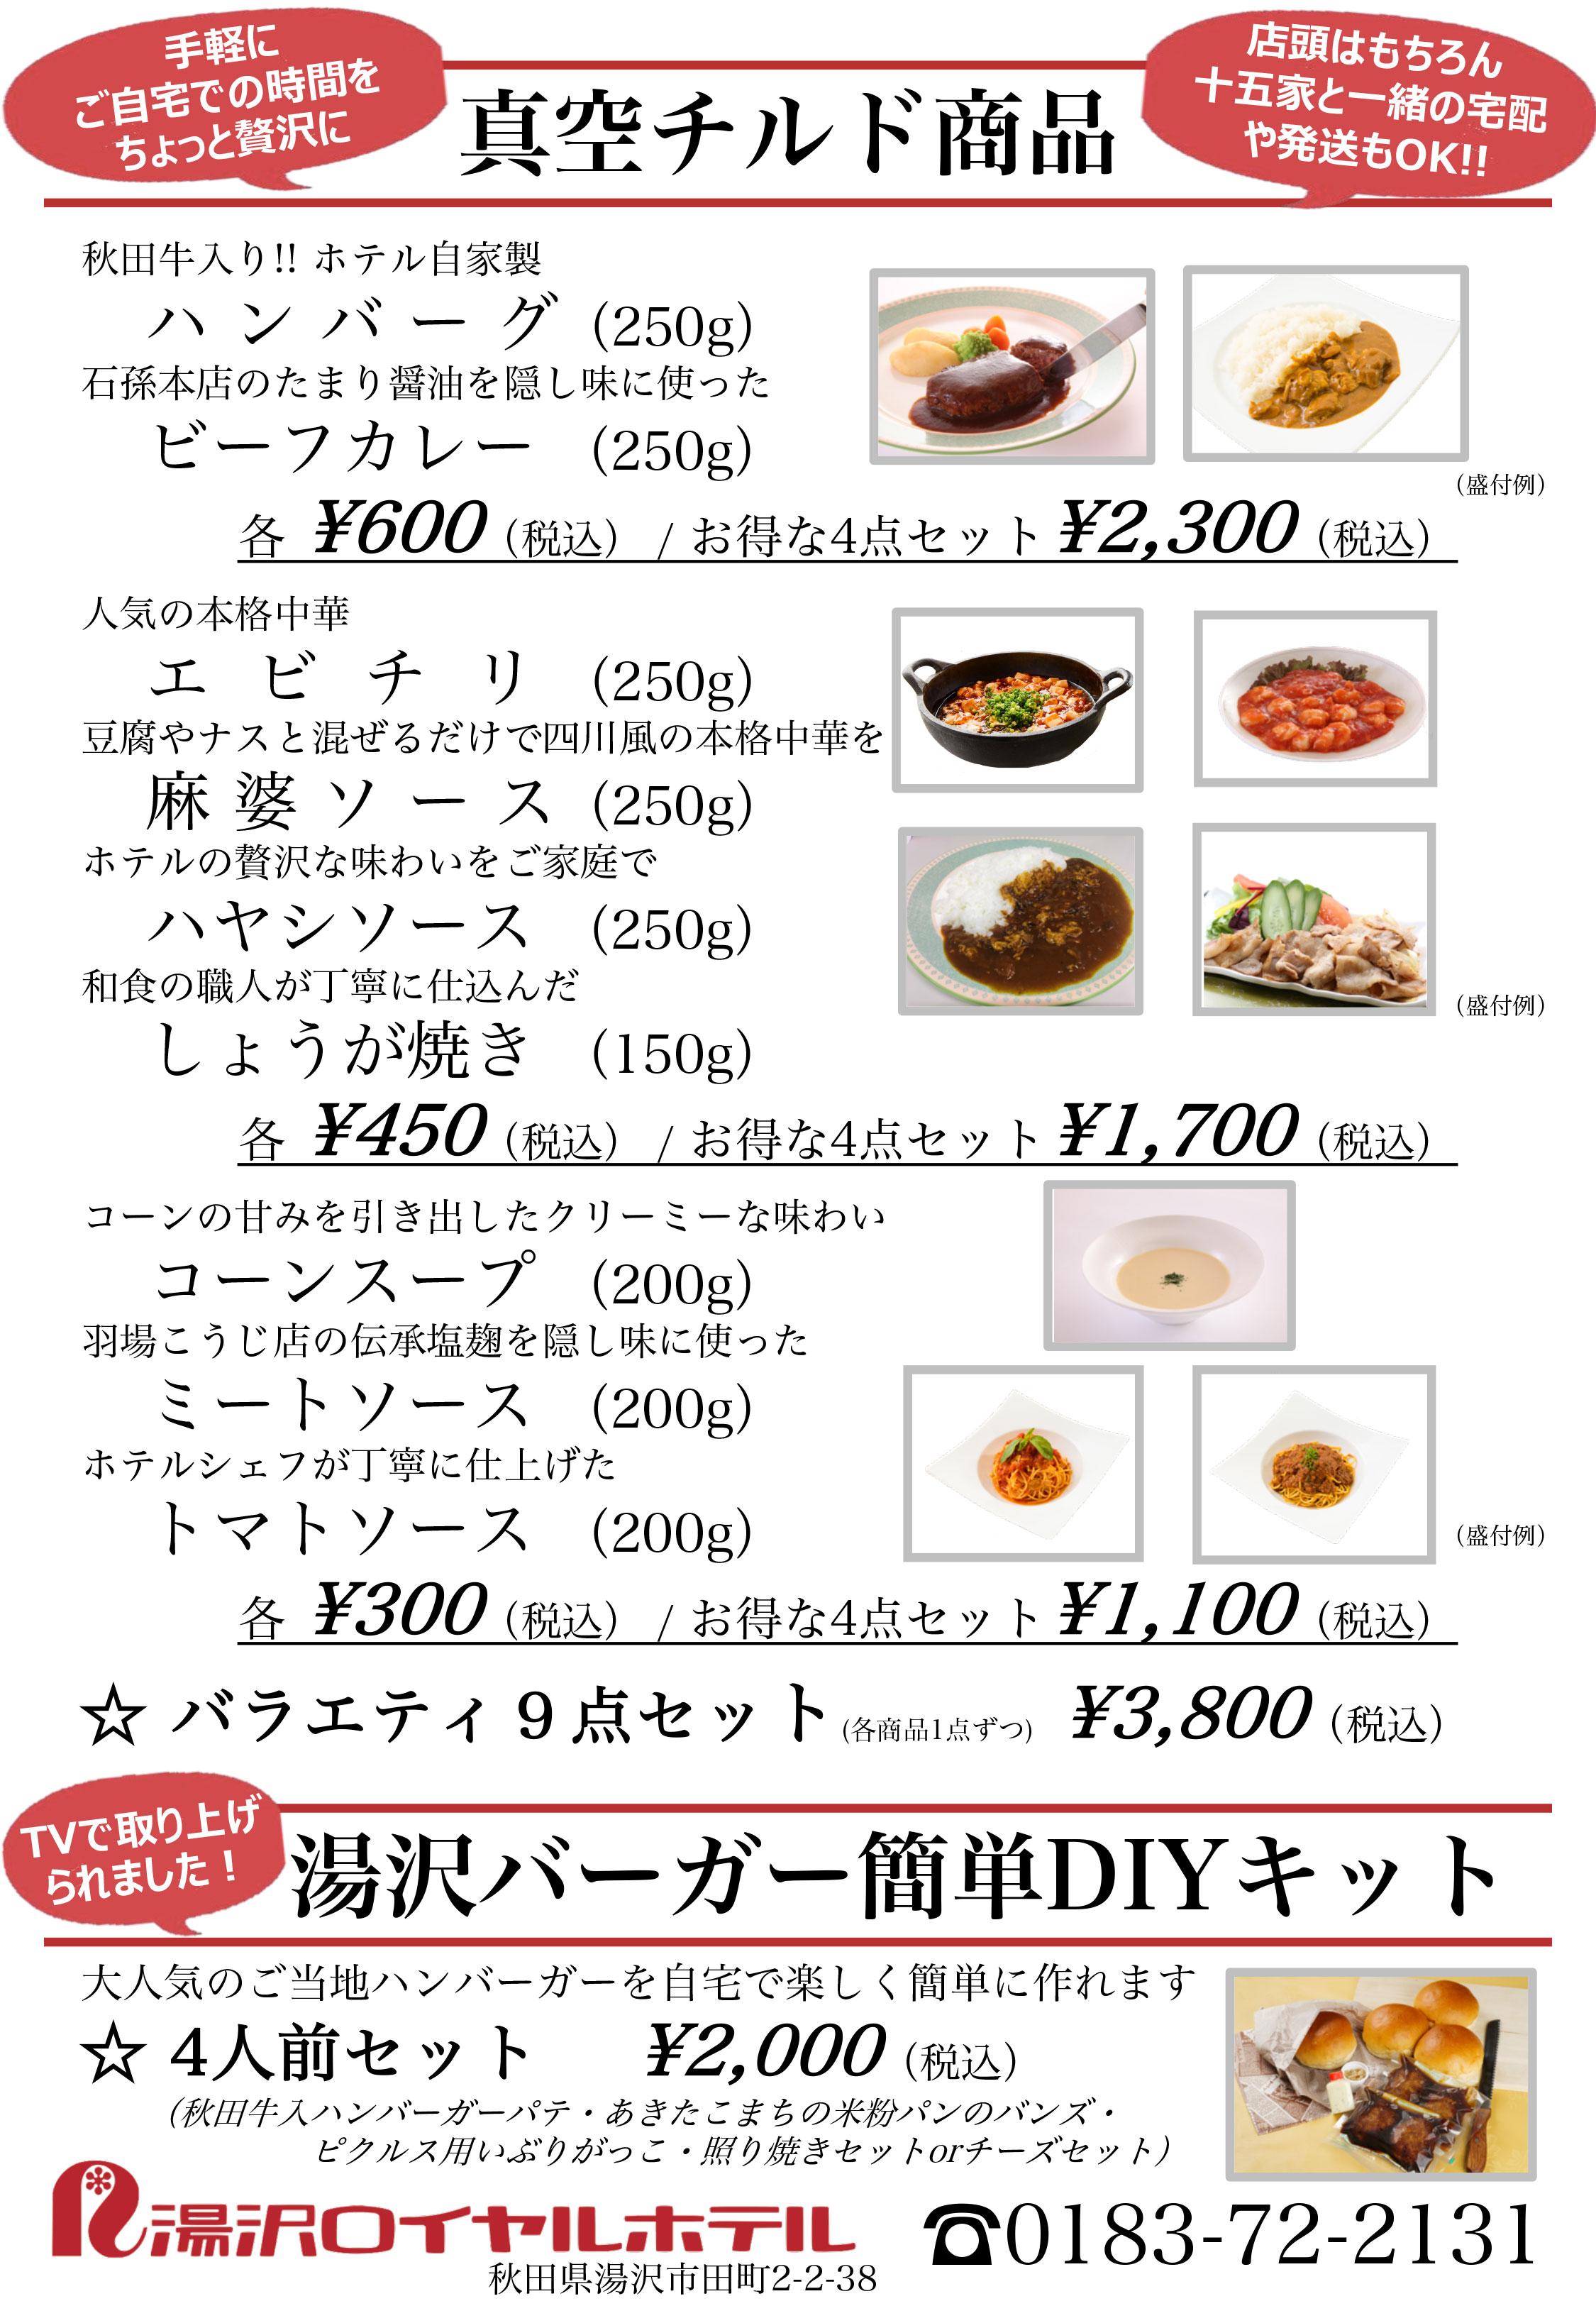 ホテル特製真空チルド商品の好評販売中!!